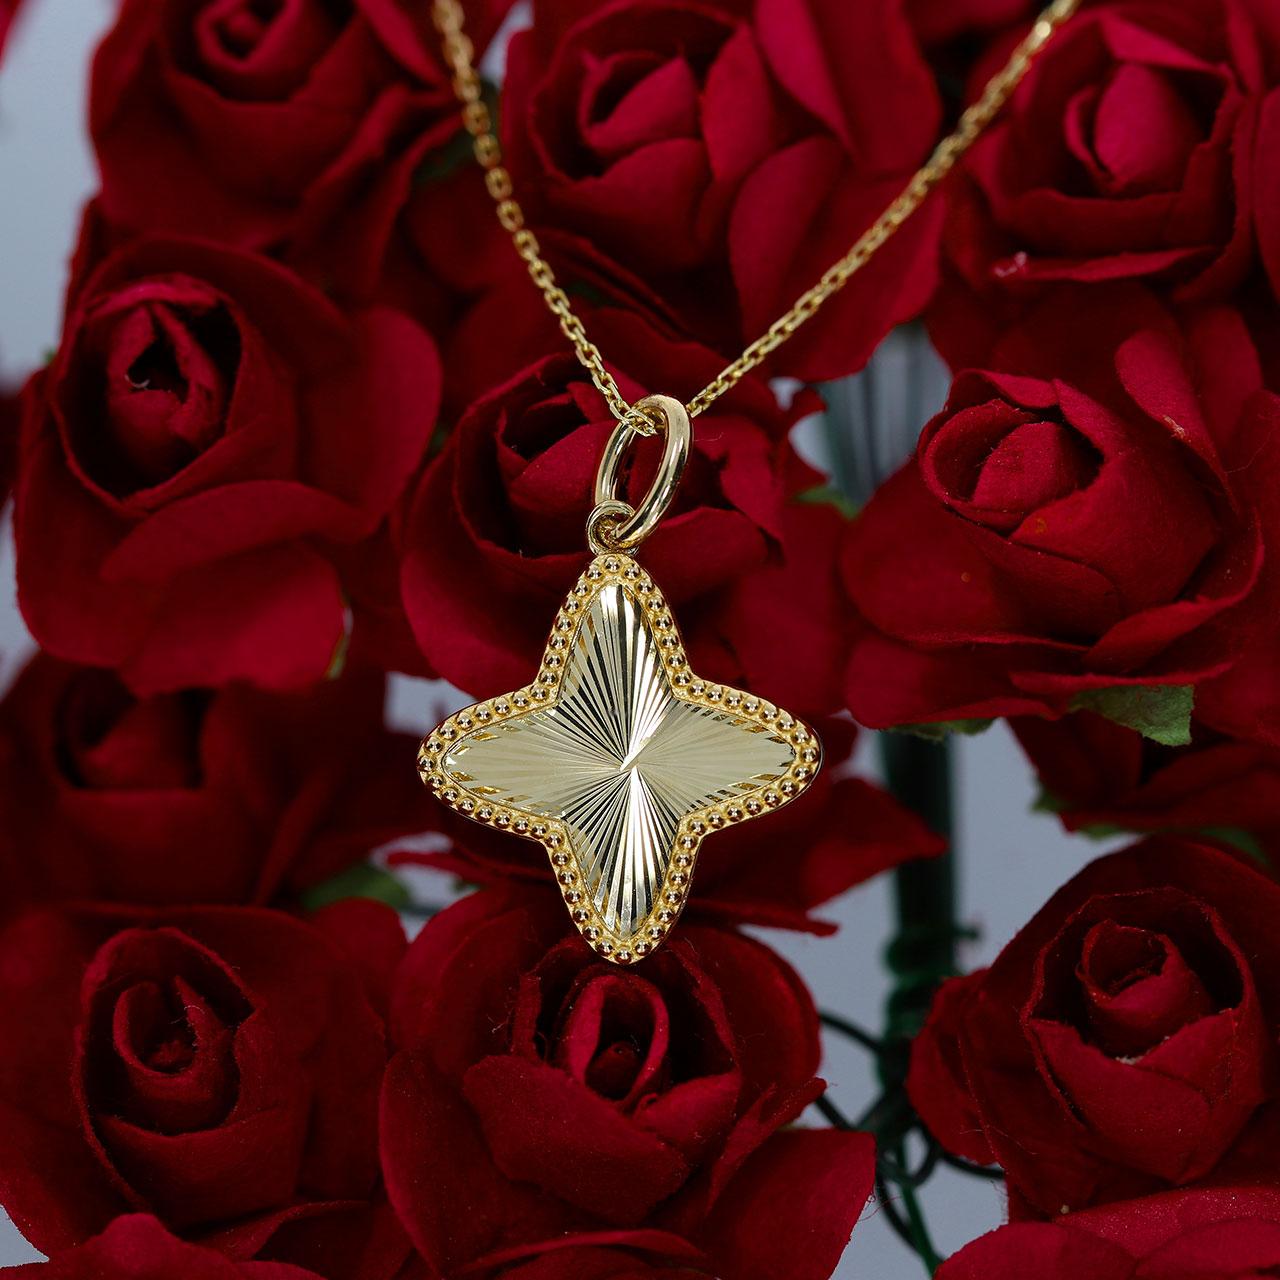 Dört Köşeli Altın Yıldız Kolye 14 Ayar